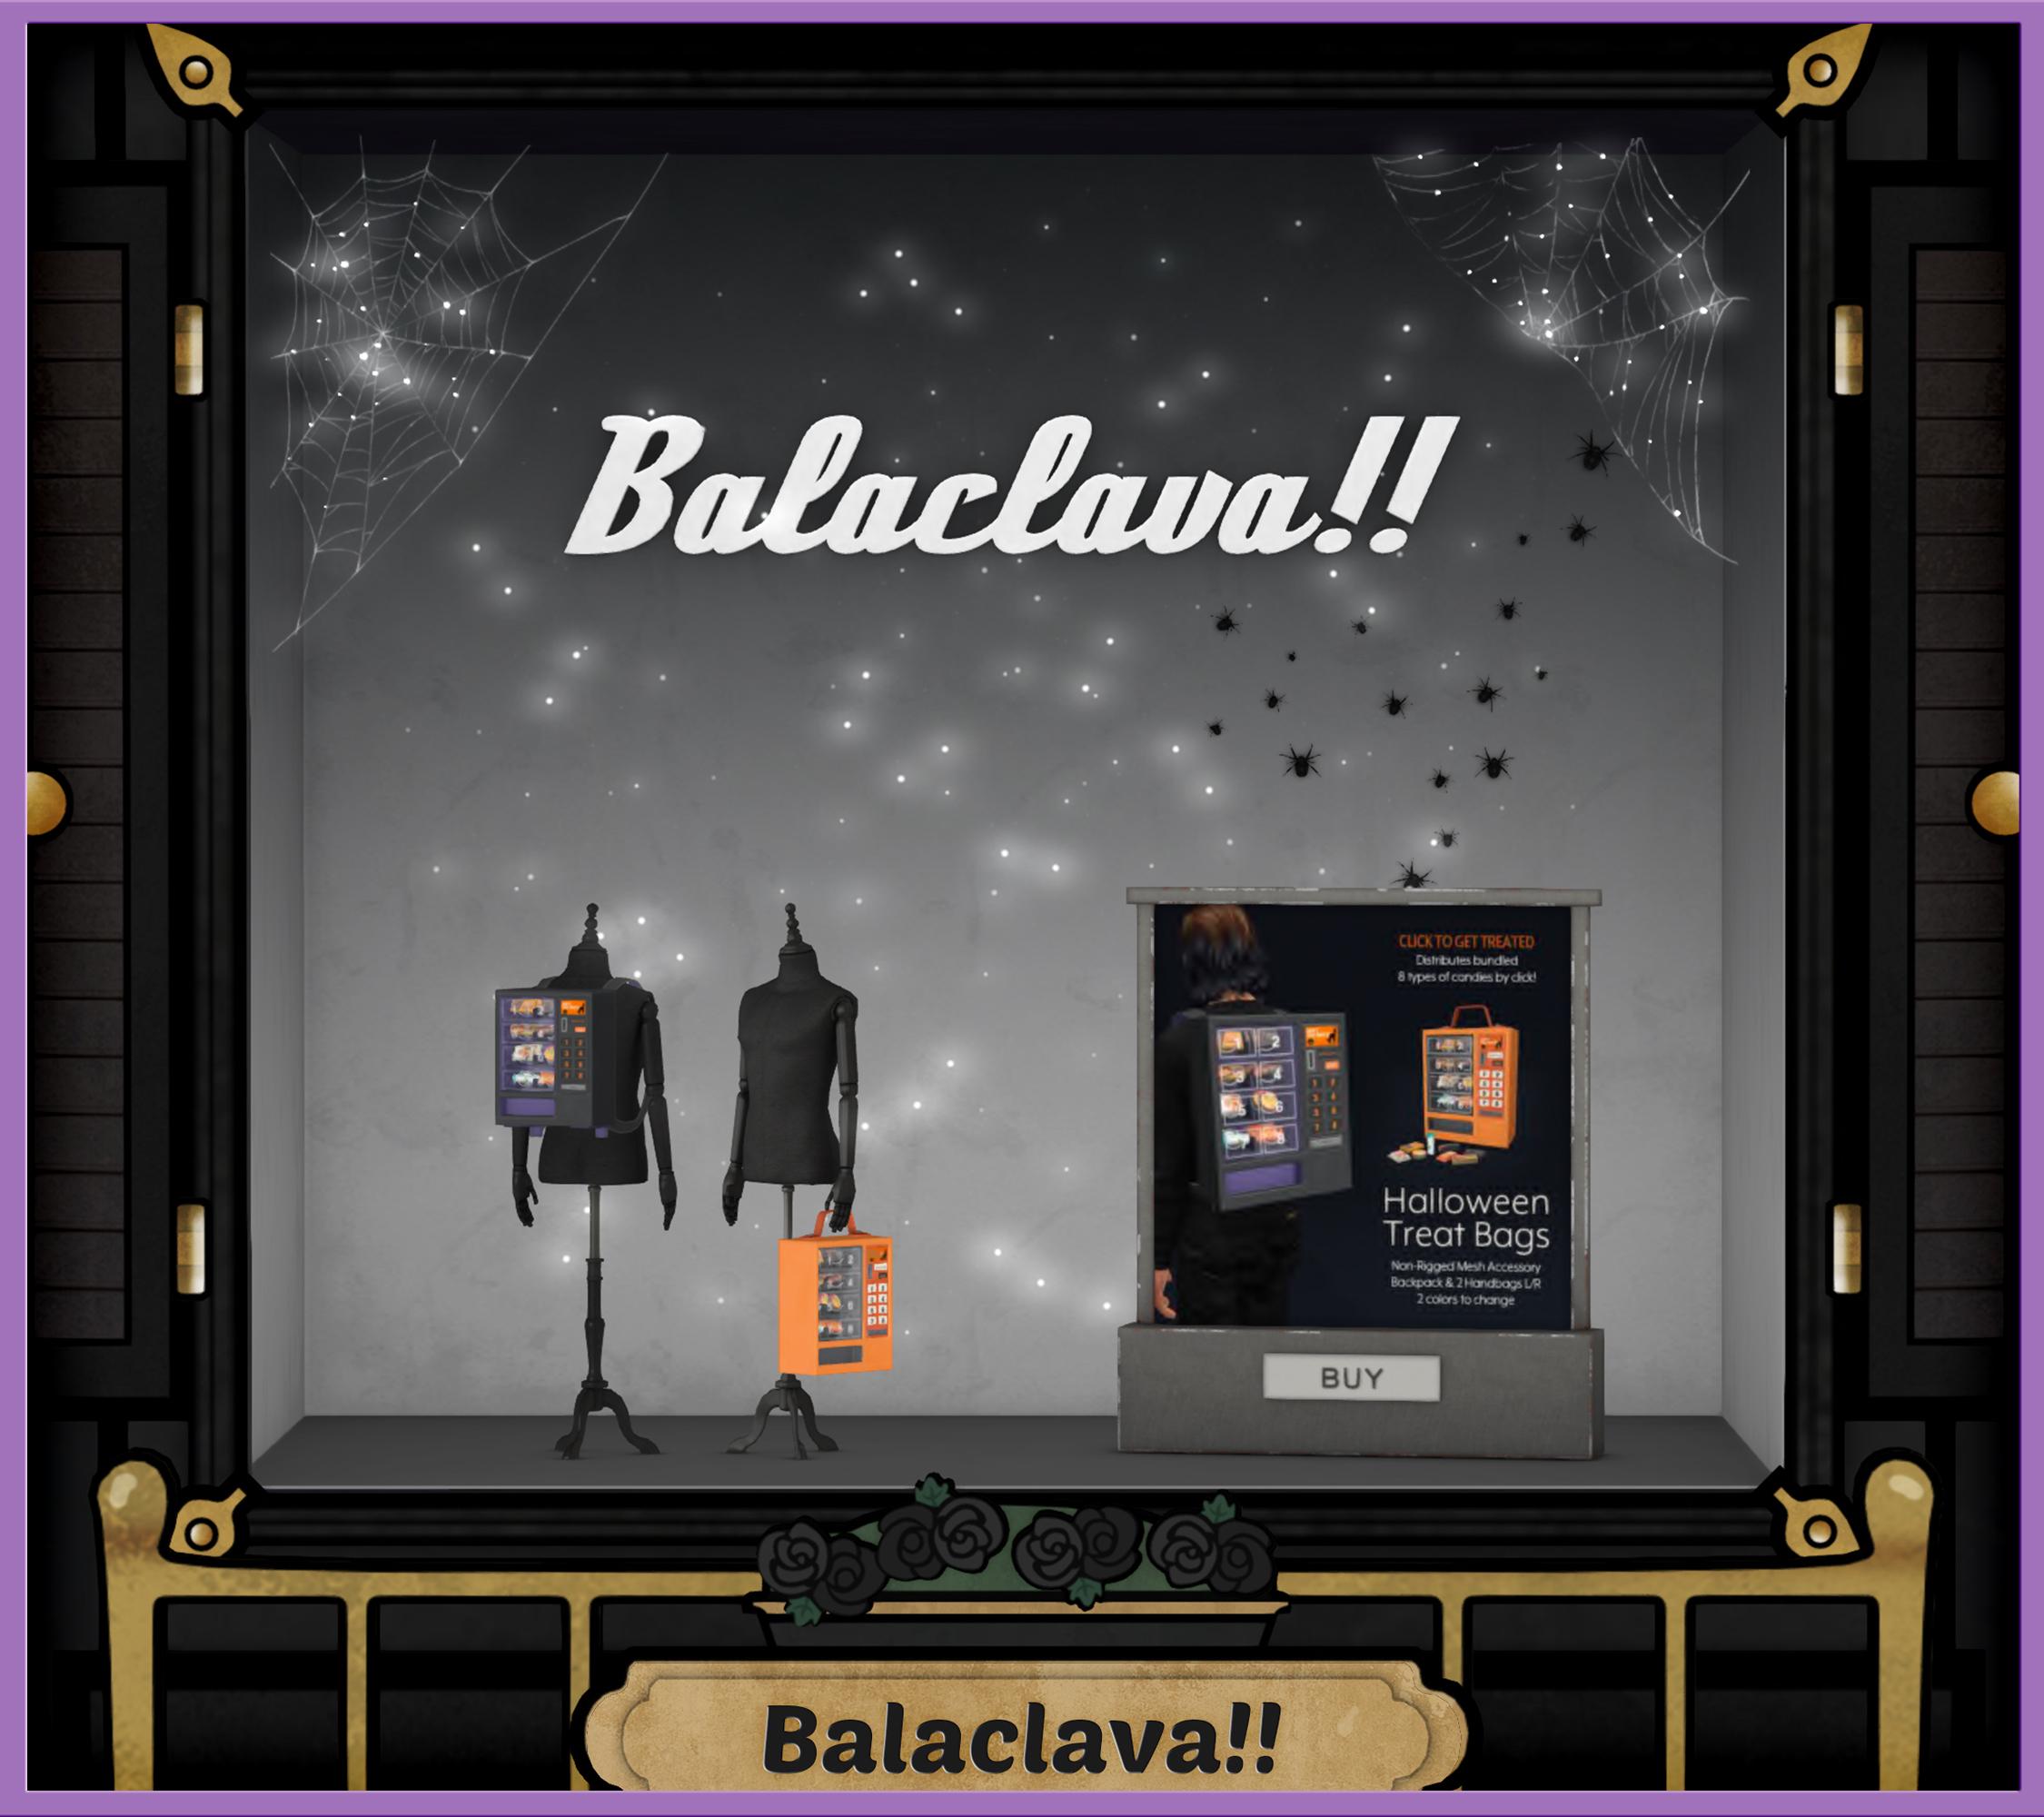 Balaclava!!